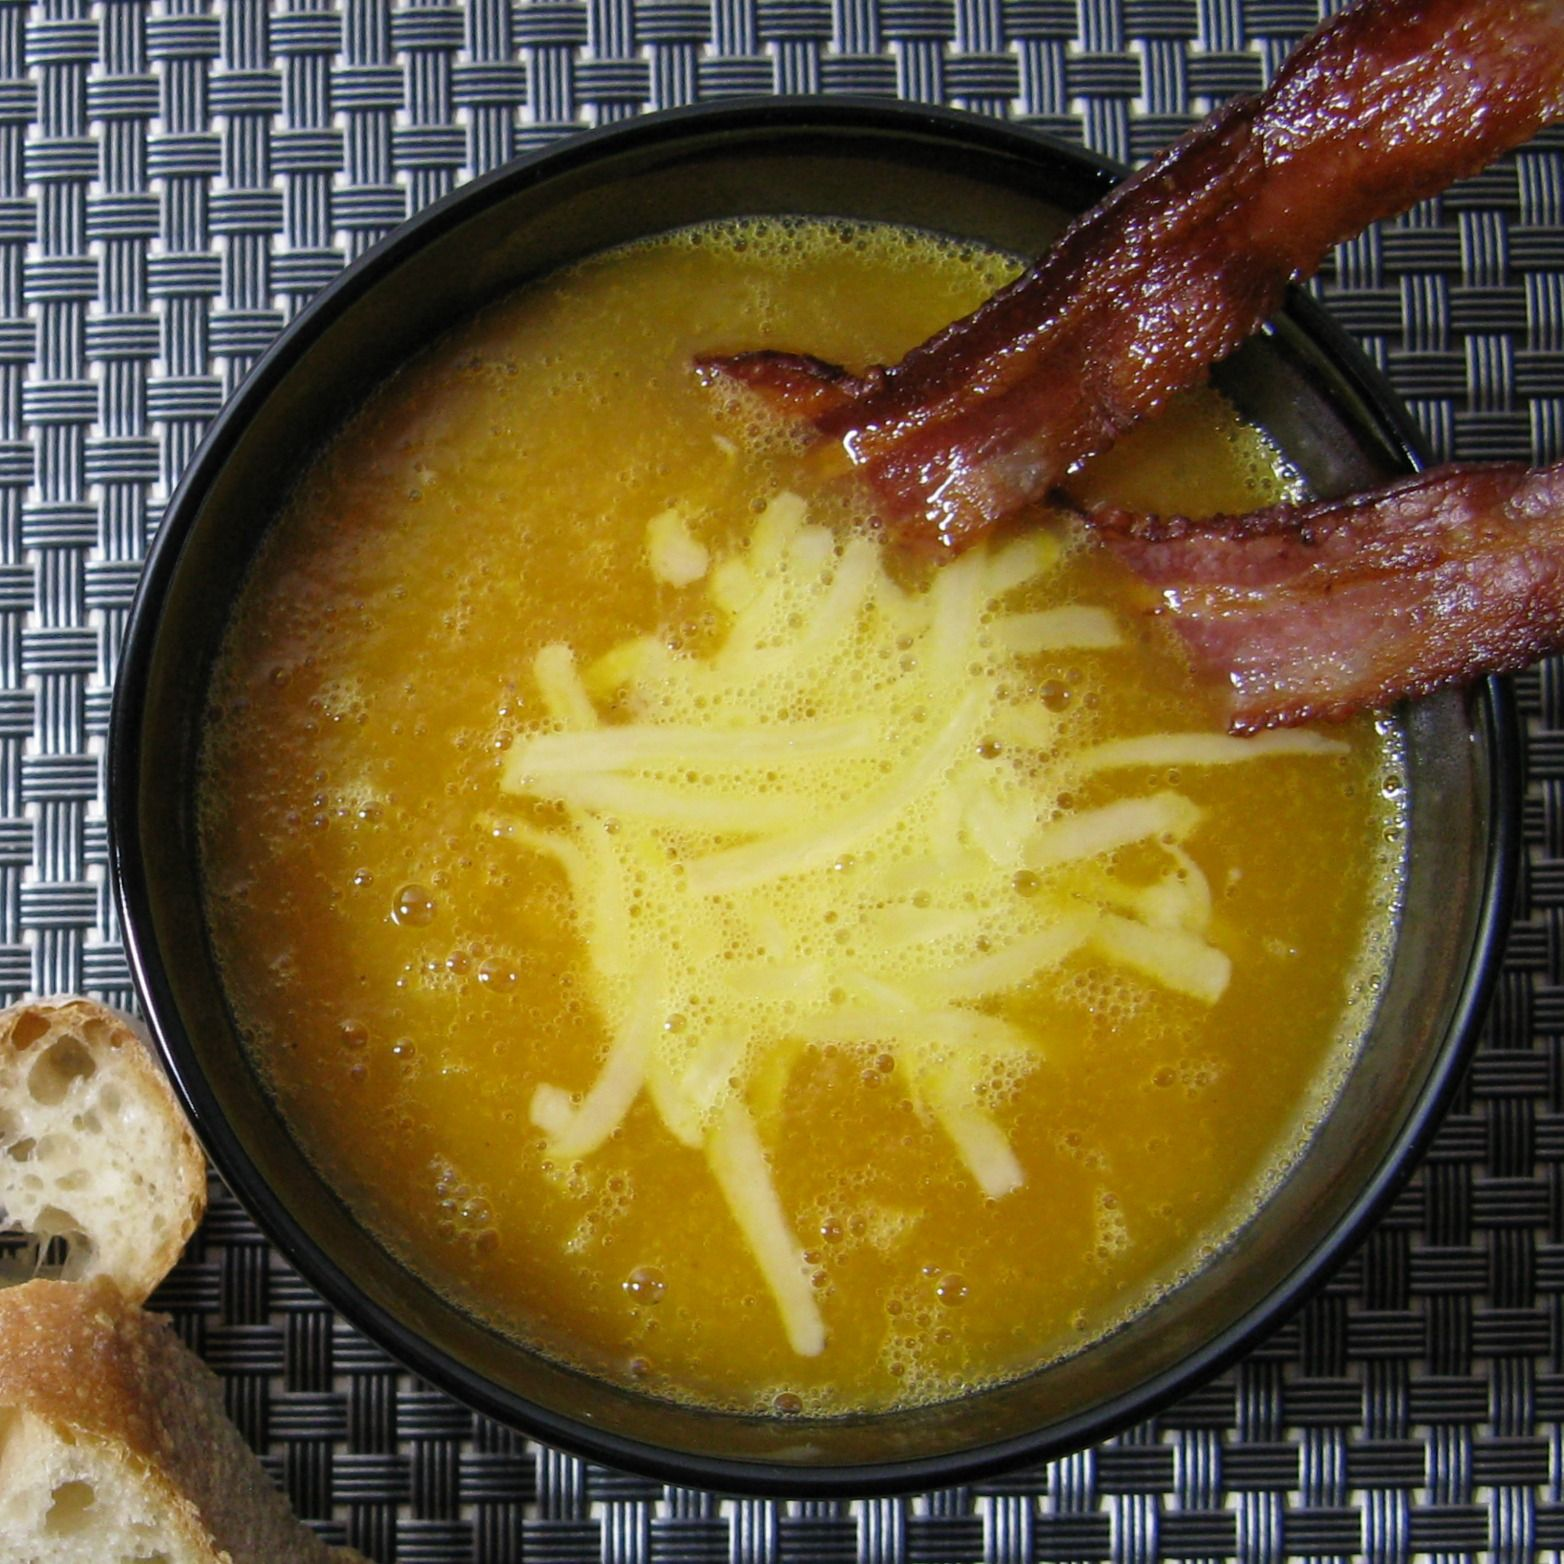 Recette de soupe aux navets boule d'or